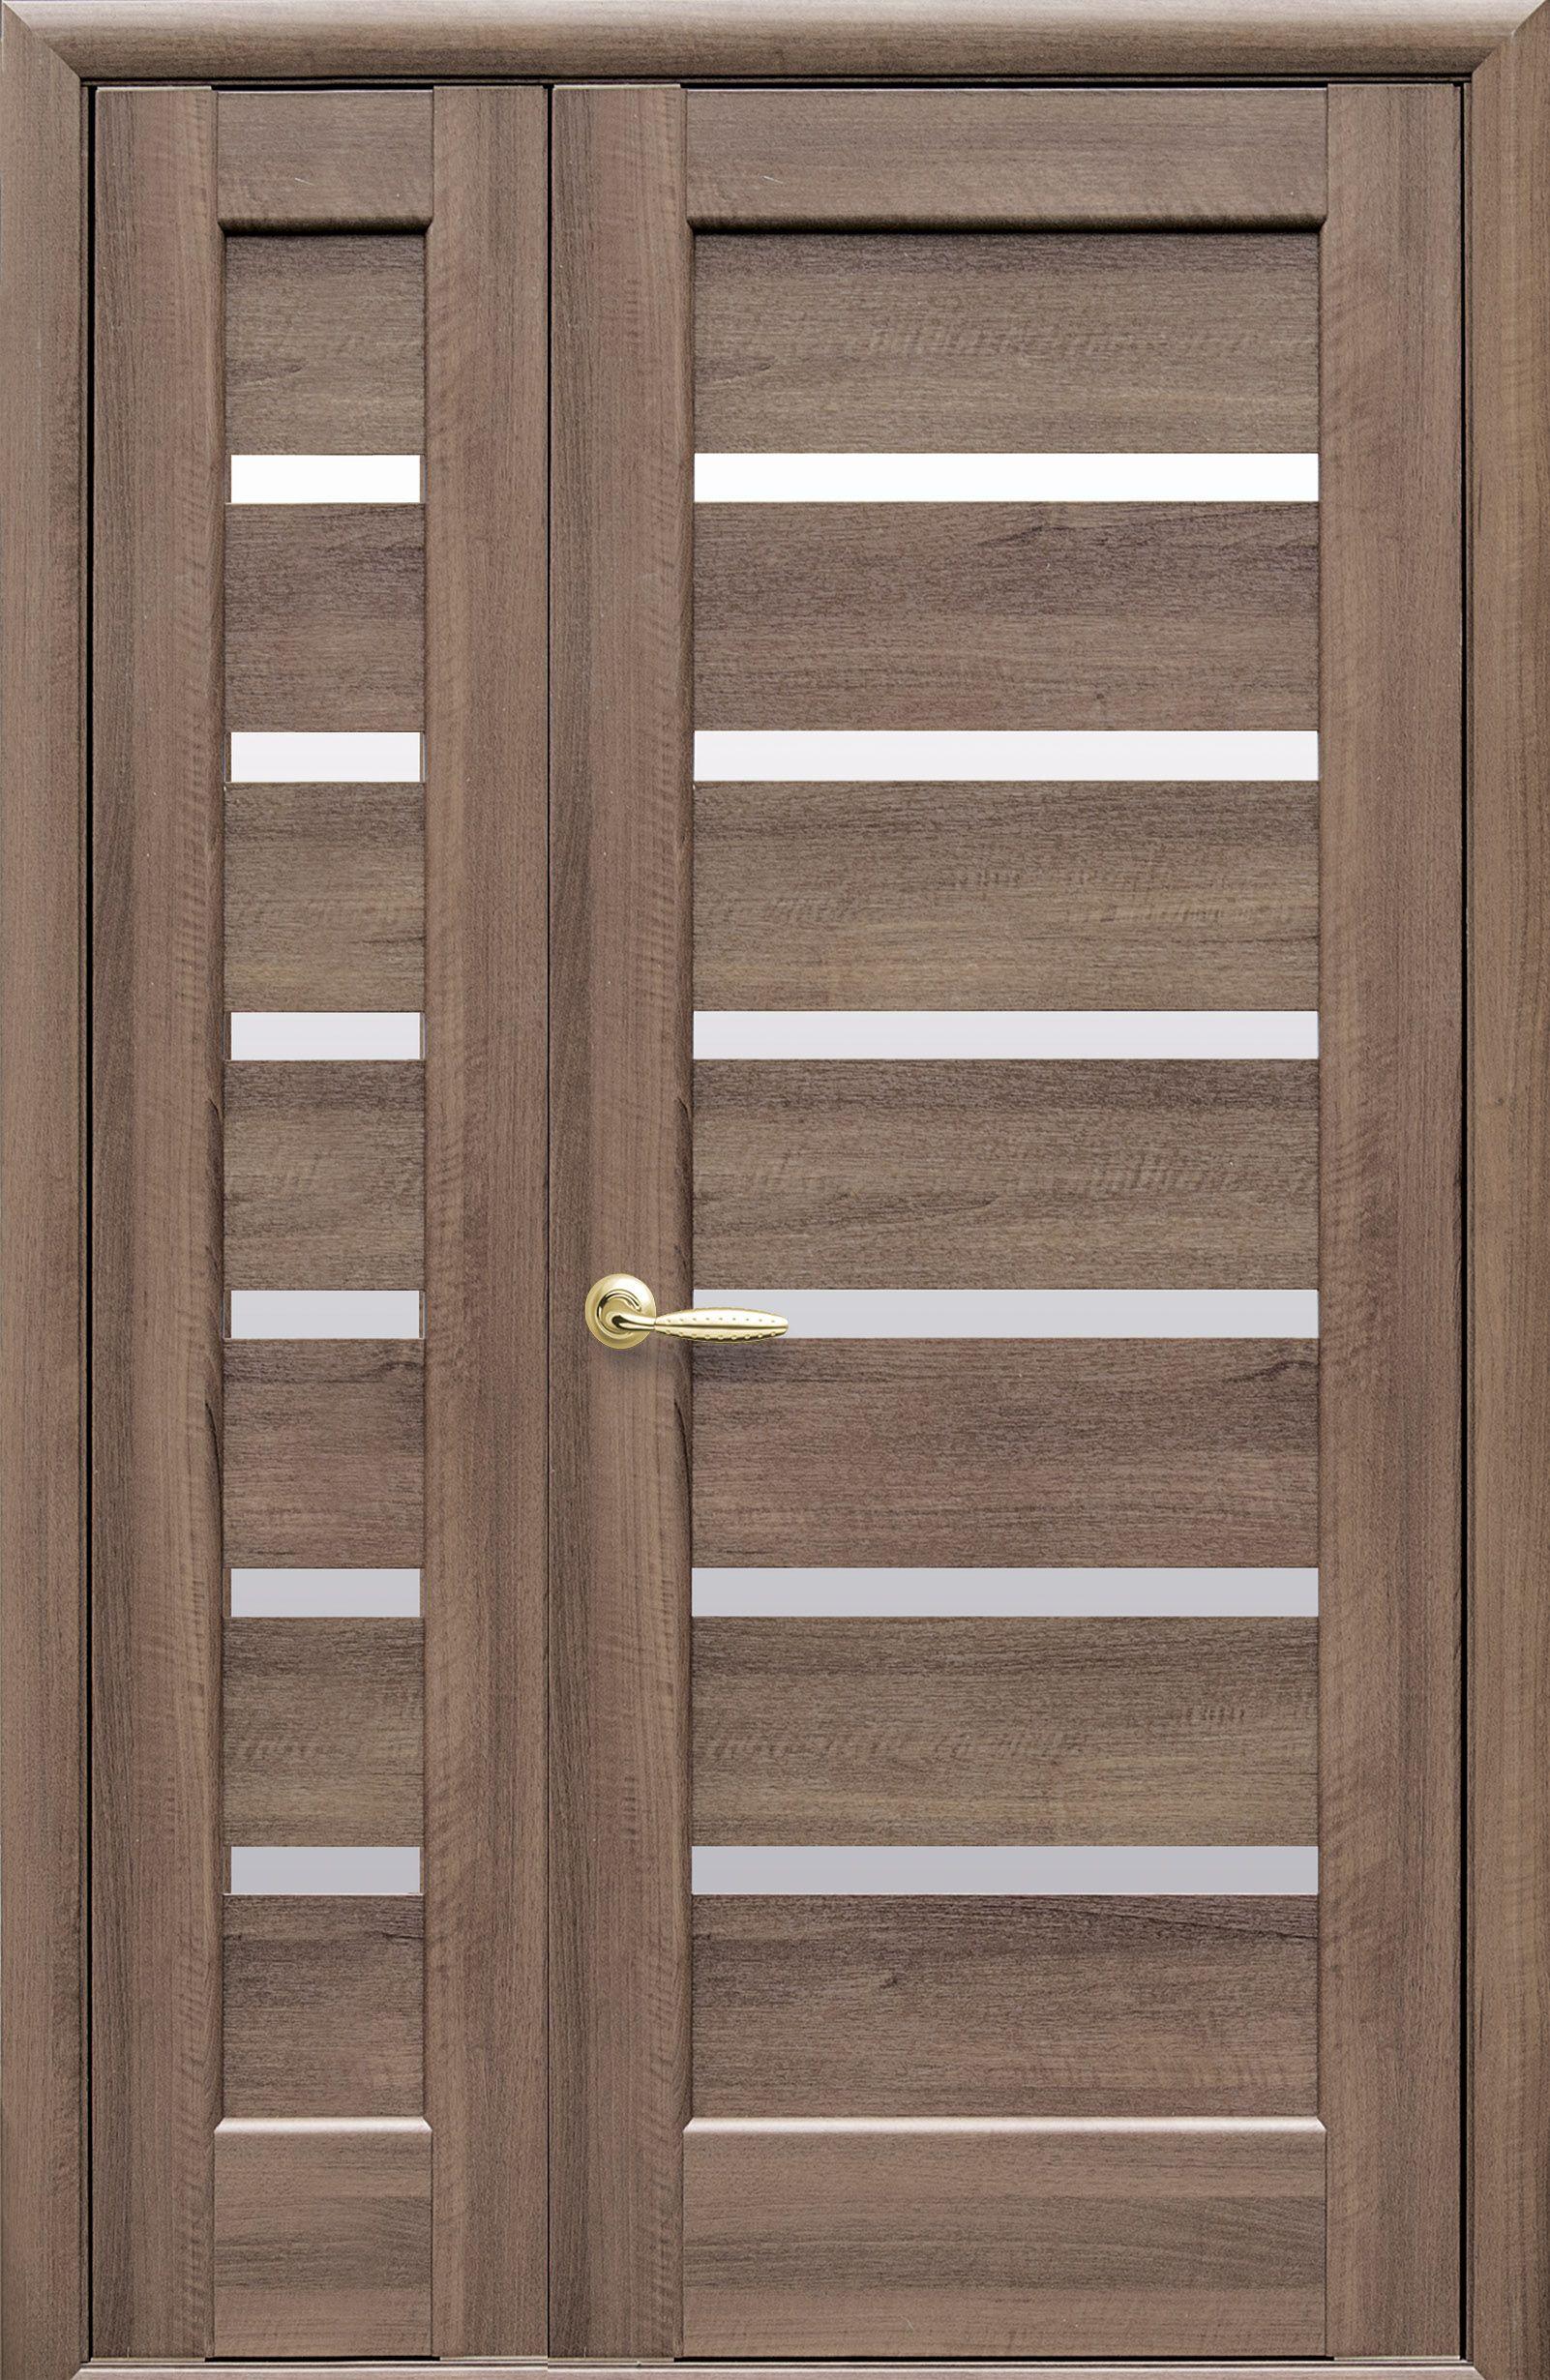 Двойные межкомнатные двери Линнея со стеклом сатин